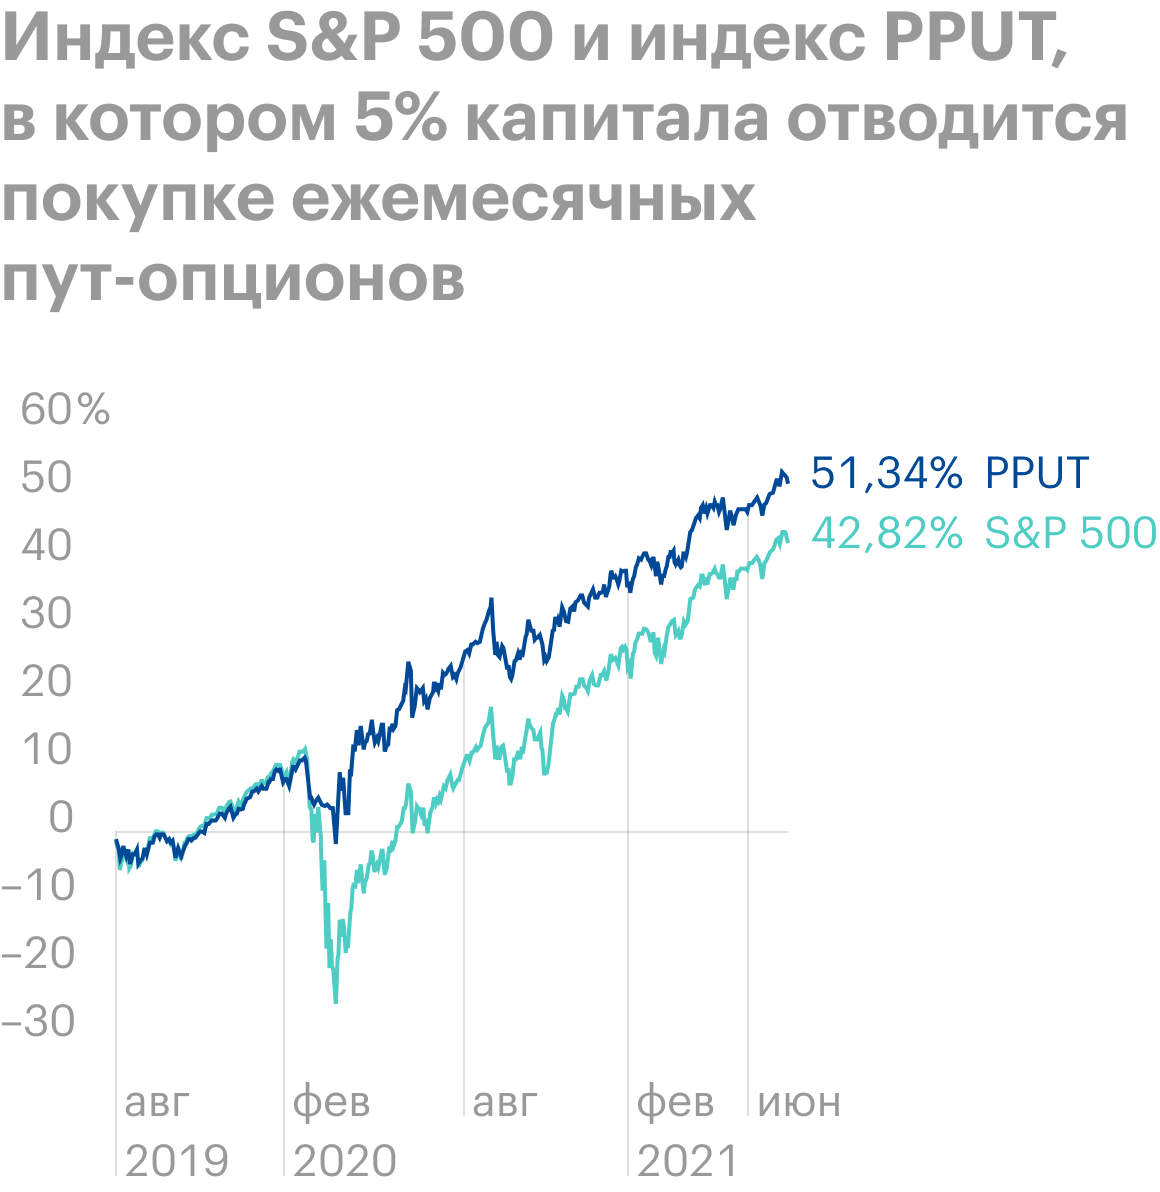 Во время мартовского обвала 2020года хеджирование позволило избежать сильной просадки по S&P;500. Также оно хорошо сработало еще в восьми медвежьих рынках с 1986 по 2016год. Однако хеджирование слишком дорого обходится в спокойные периоды, а это 93%времени. Поэтому дляпассивных стратегий оно не очень подходит и будет тормозить портфель во время роста рынка, как и если держать 63,5%портфеля в деньгах. Источник: Barchart